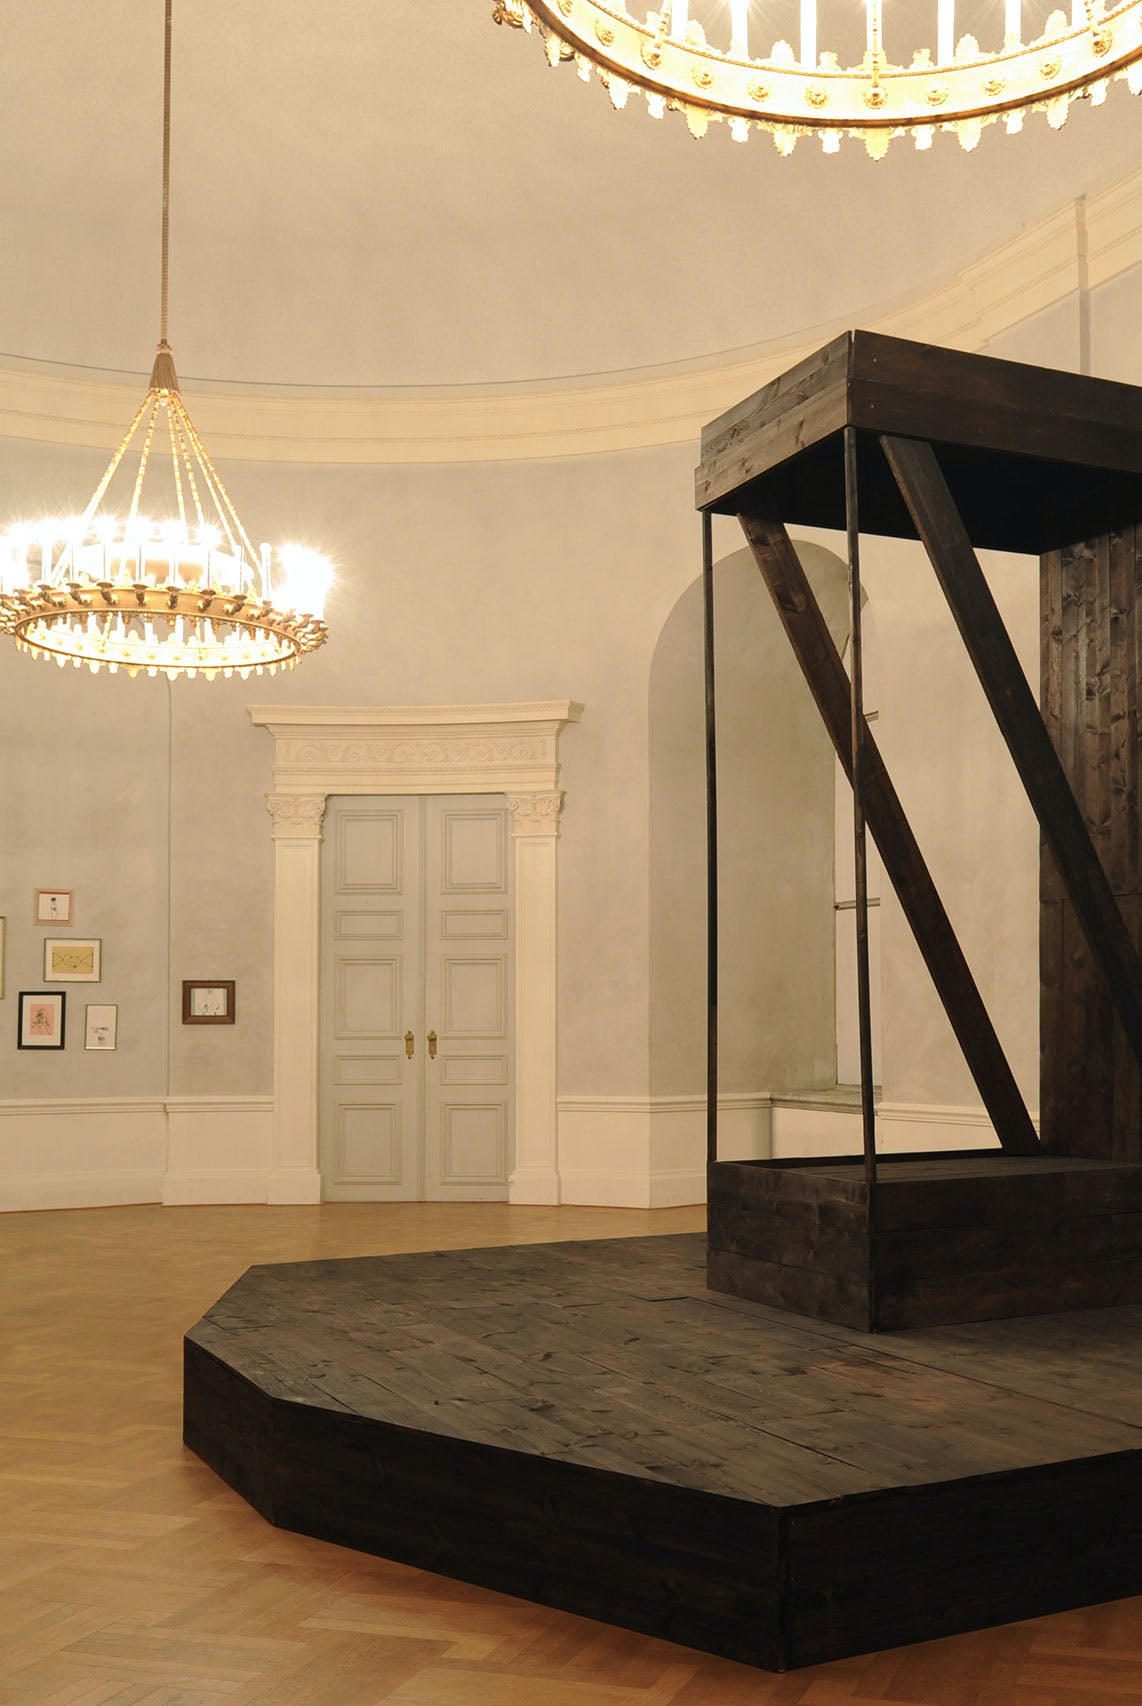 Meisterstücke und Kunst für Kunstpreisausstellung Bayerische Akademie der Schönen Künste Alexi Tsioris